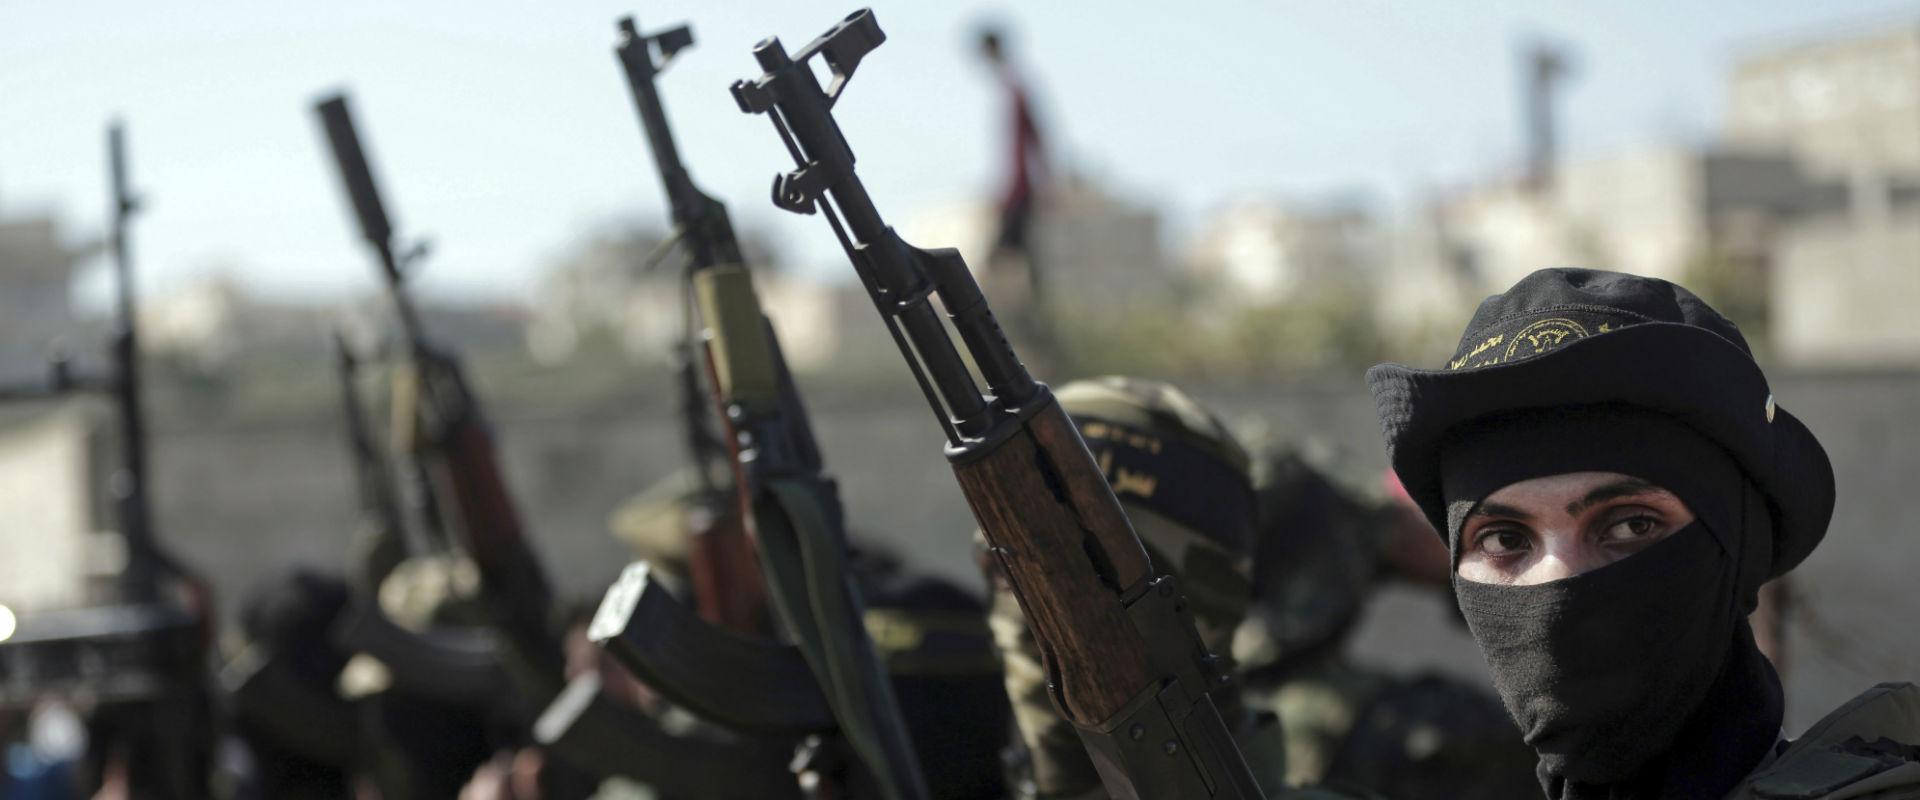 חמושים של הג'יהאד האסלאמי